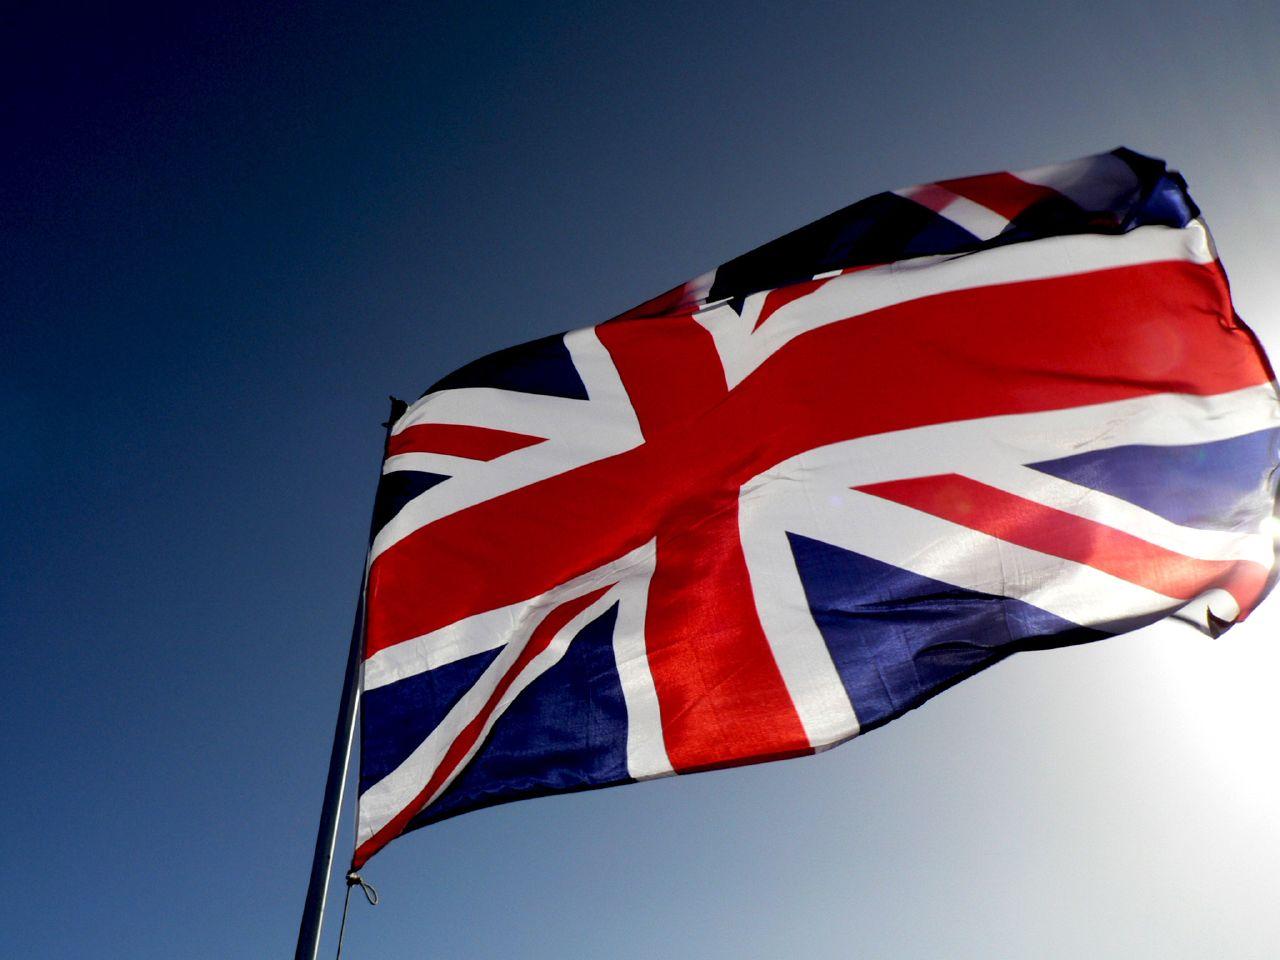 Vor dem EU-Referendum will die brititische Regierung auf Forderungen der EU eingehen.